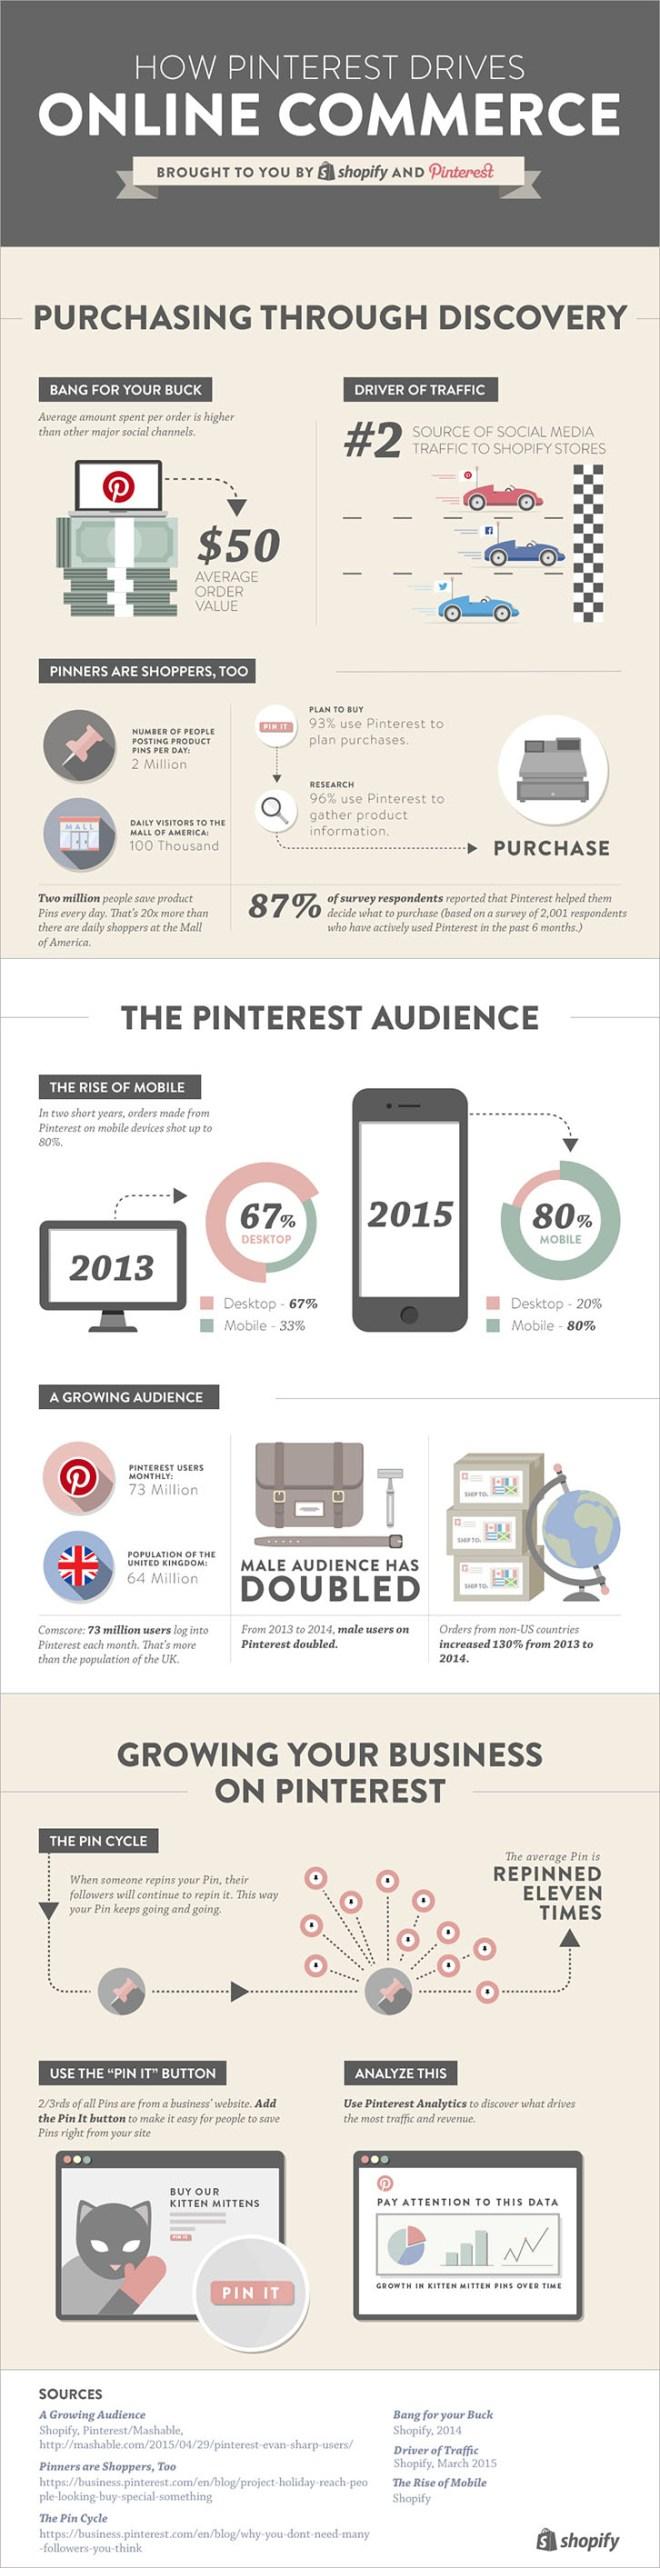 Cómo Pinterest genera ventas en Comercio Electrónico